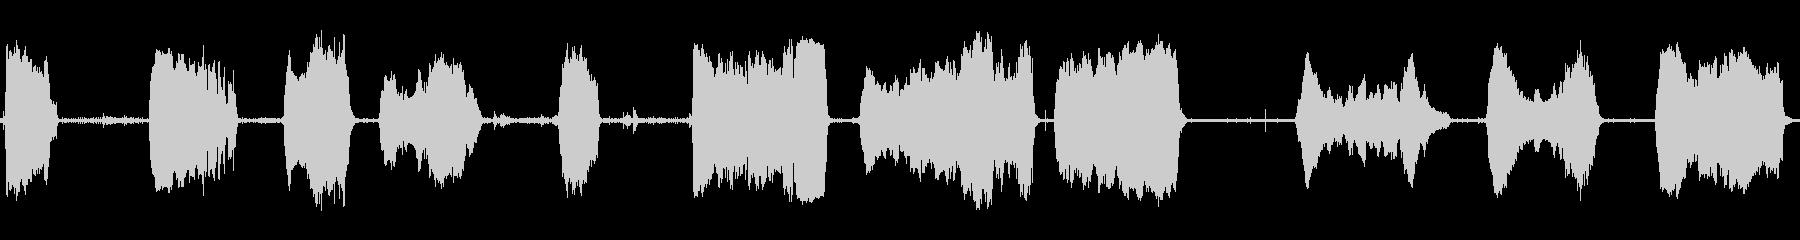 猫のハウルの危険なニャーの未再生の波形